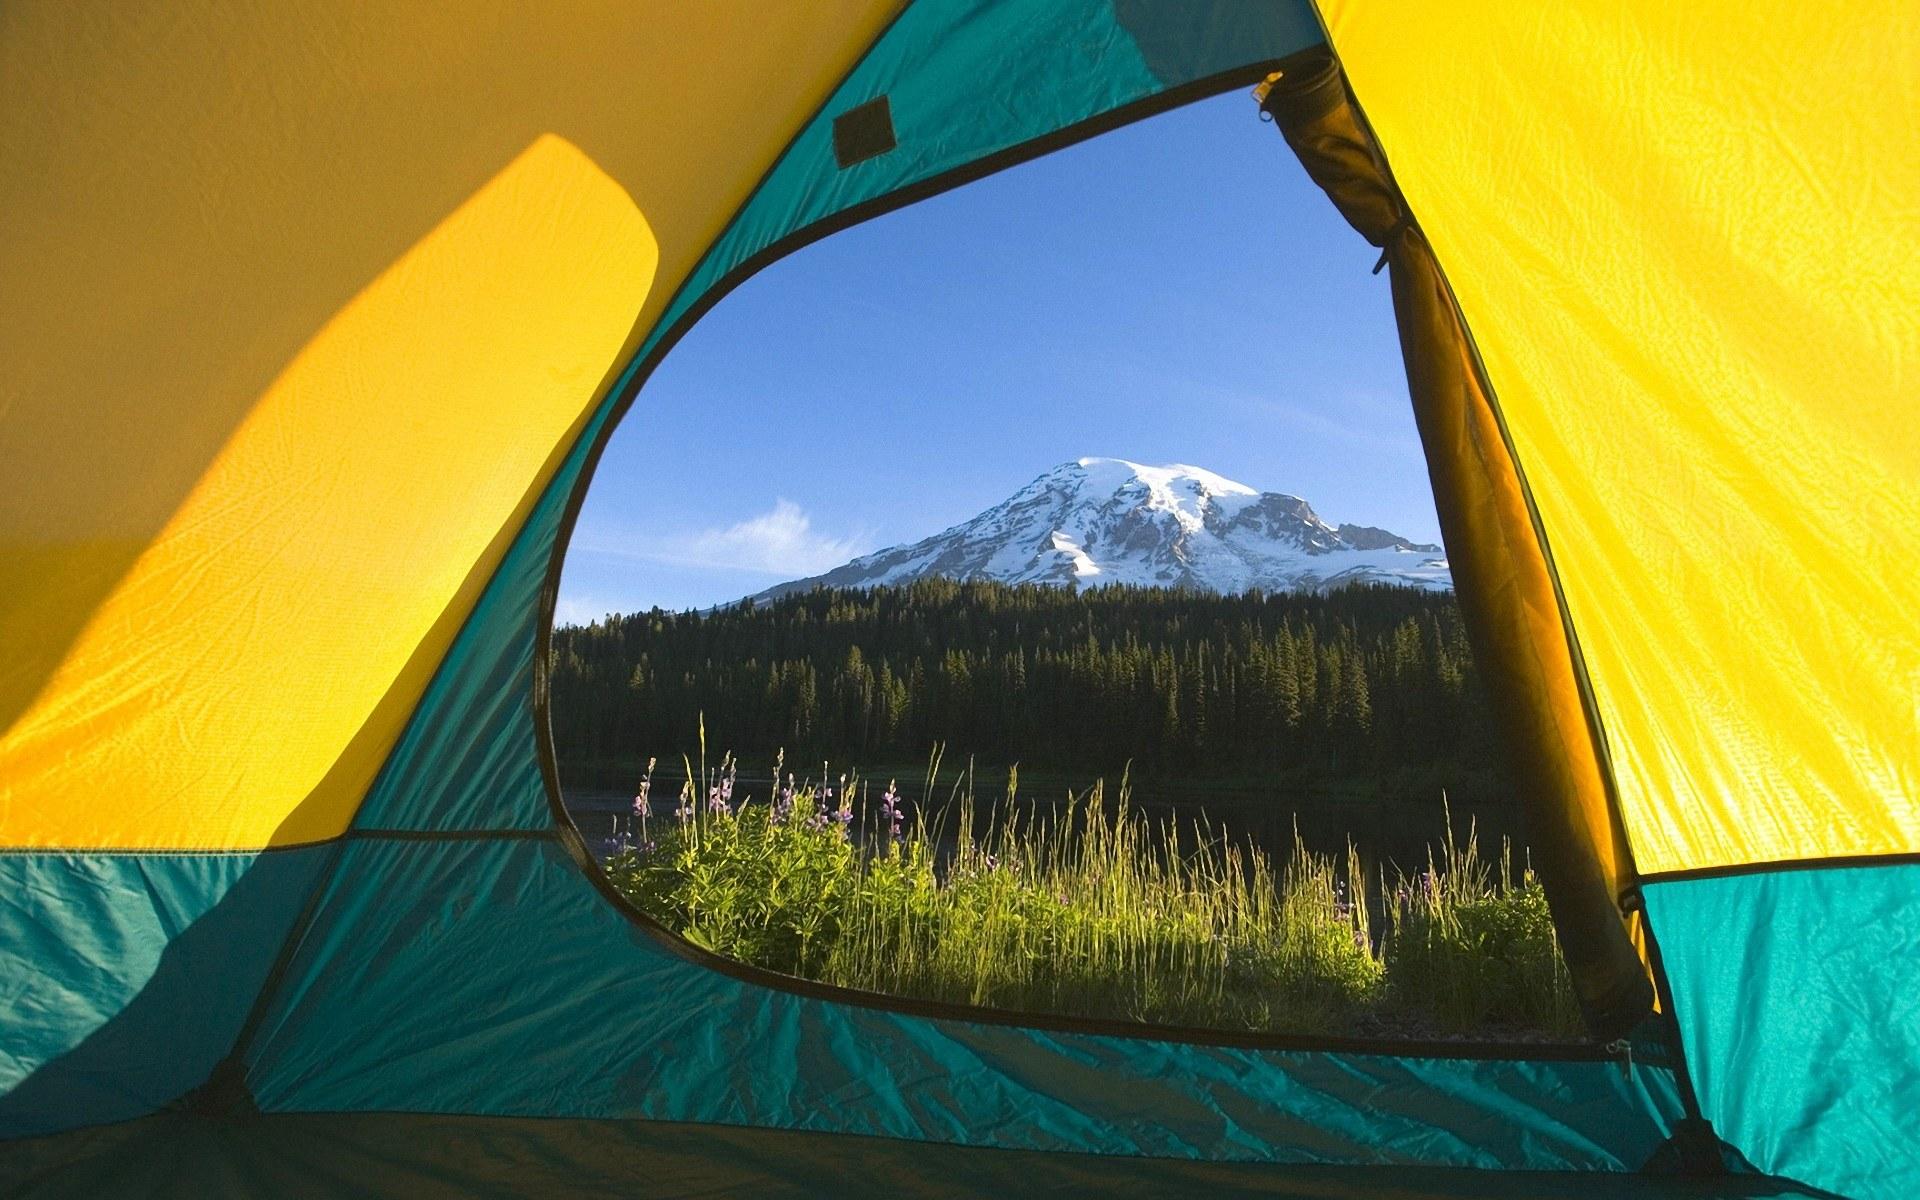 Hd wallpaper asus - Camping Wallpaper Wallpapersafari